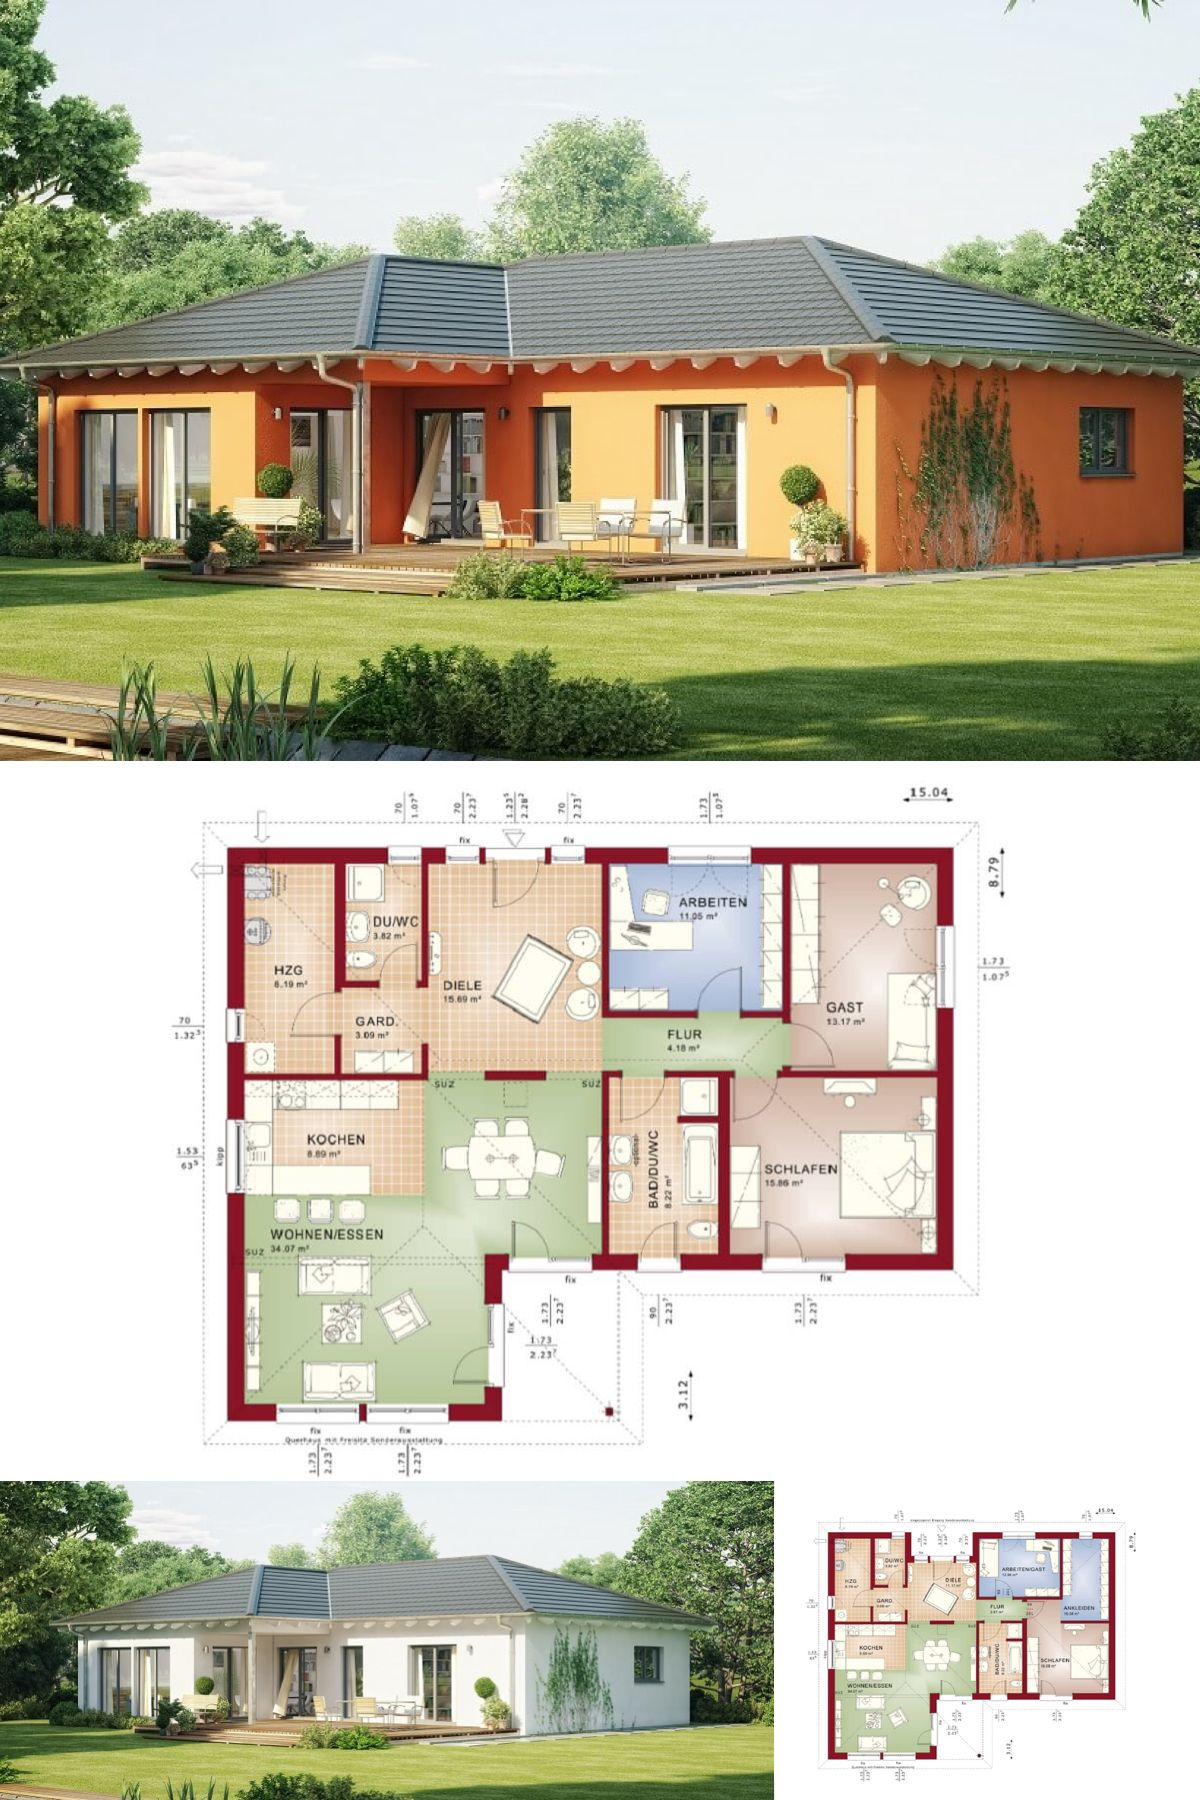 einfamilienhaus bungalow mediterran haus evolution 111 v3 bien zenker winkelbungalow modern walmdach grundriss modern - Fantastisch Haus Bauen Ideen Mediterran